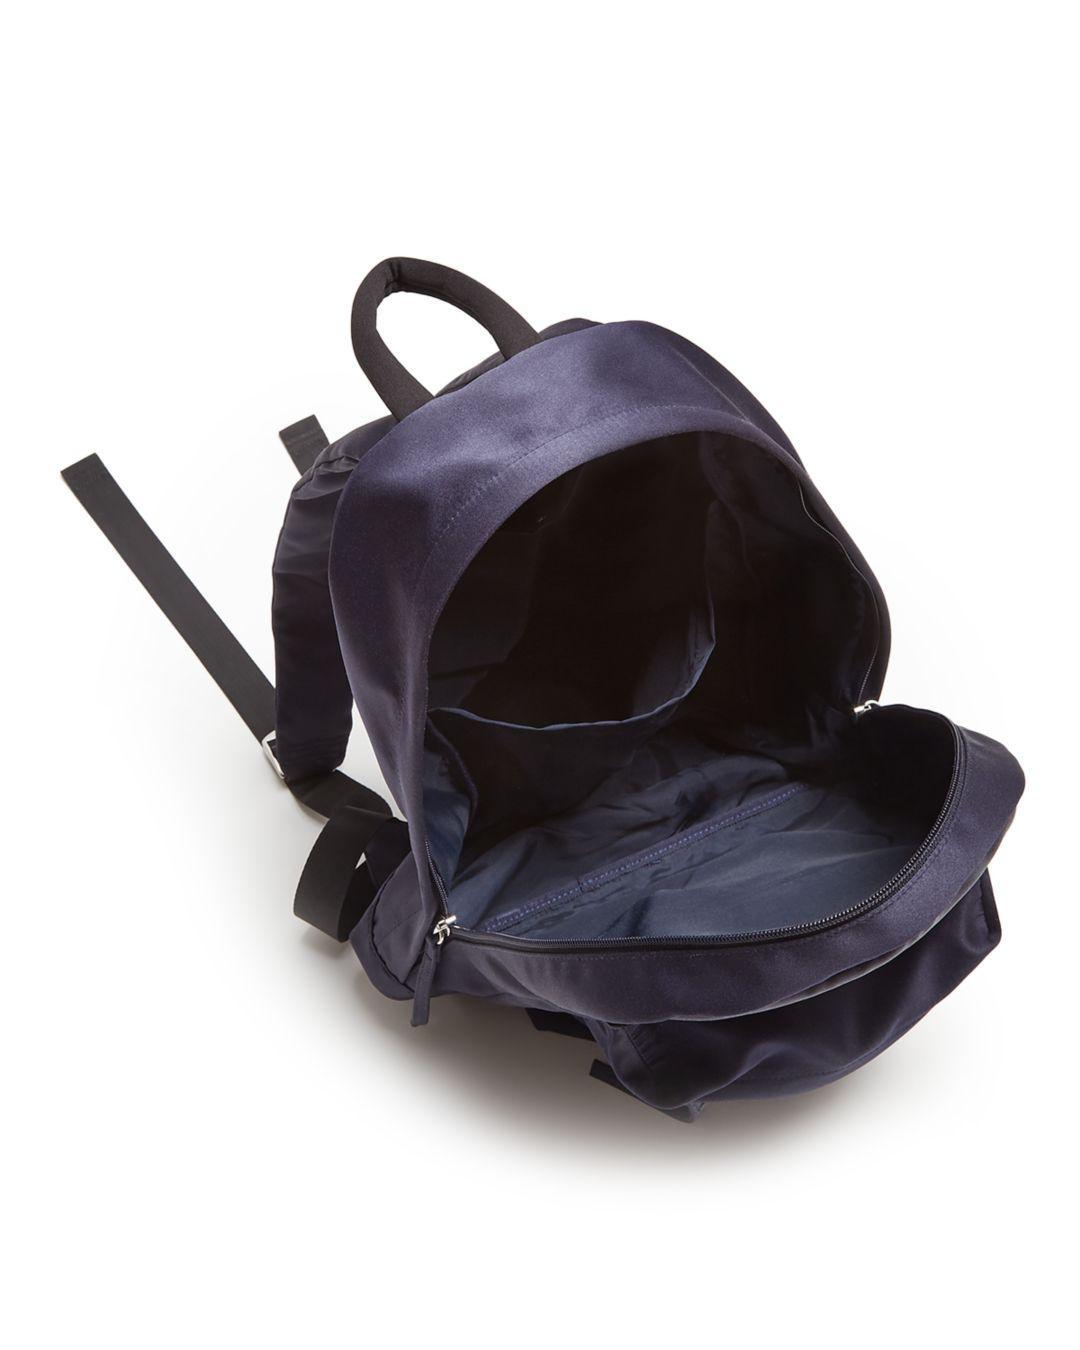 Elizabeth and James Satin Backpack in Black/Silver (Black)